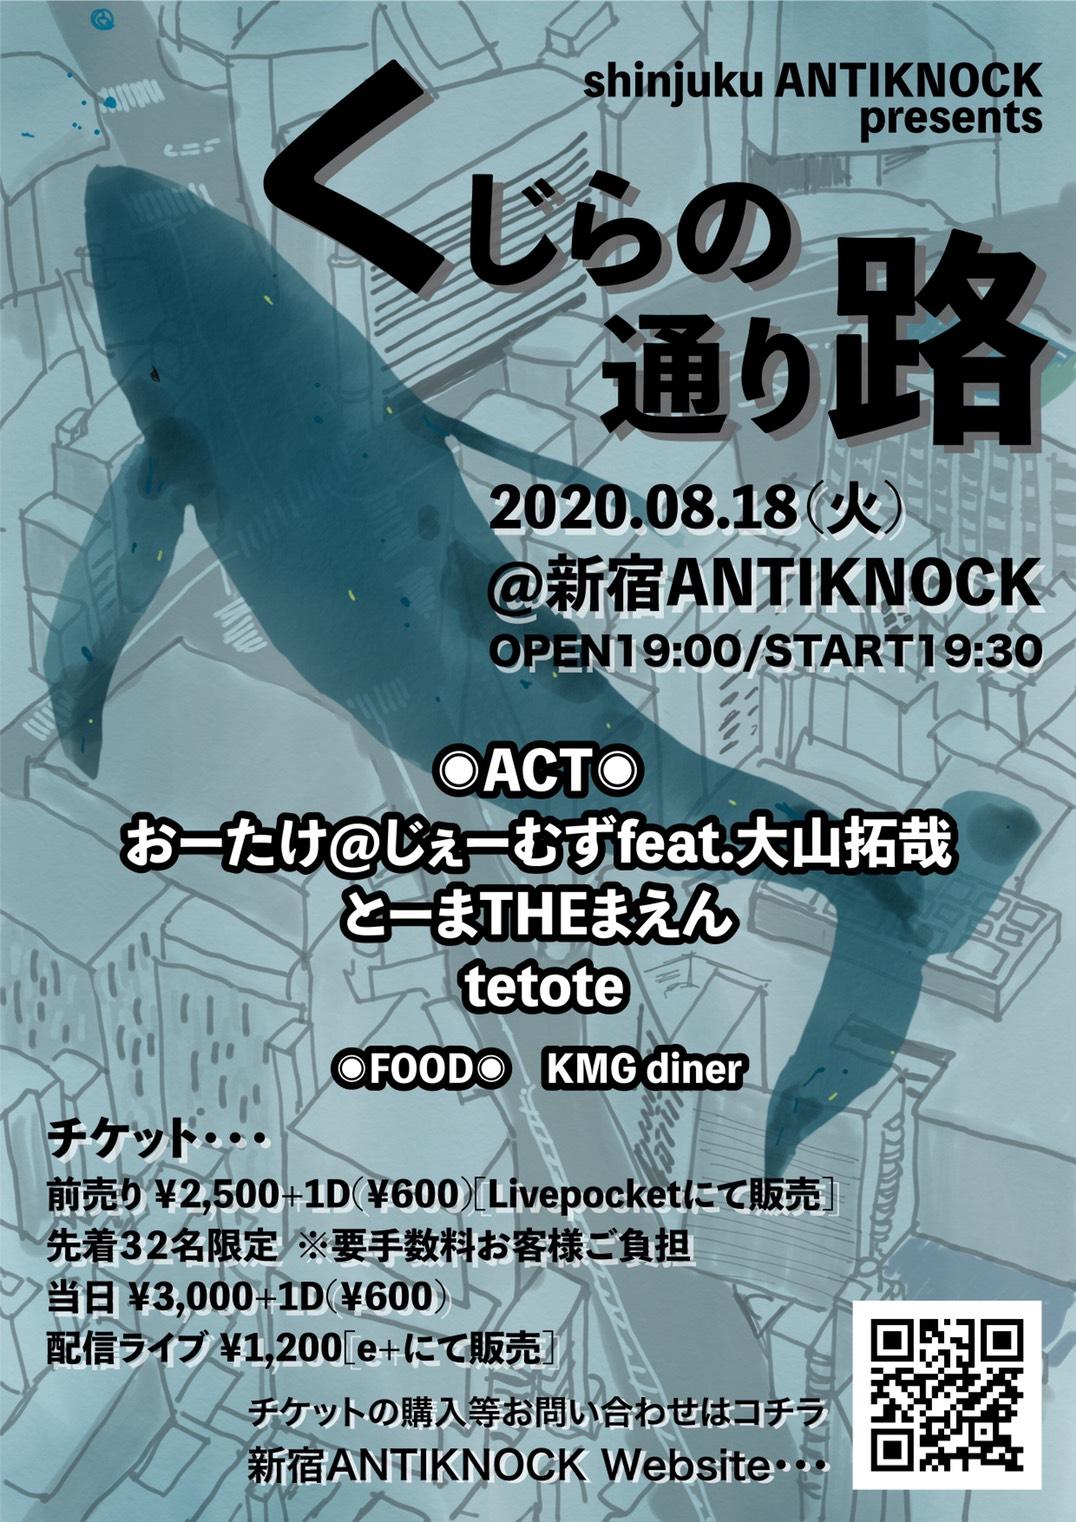 新宿ANTIKNOCK pre. 【くじらの通り路】